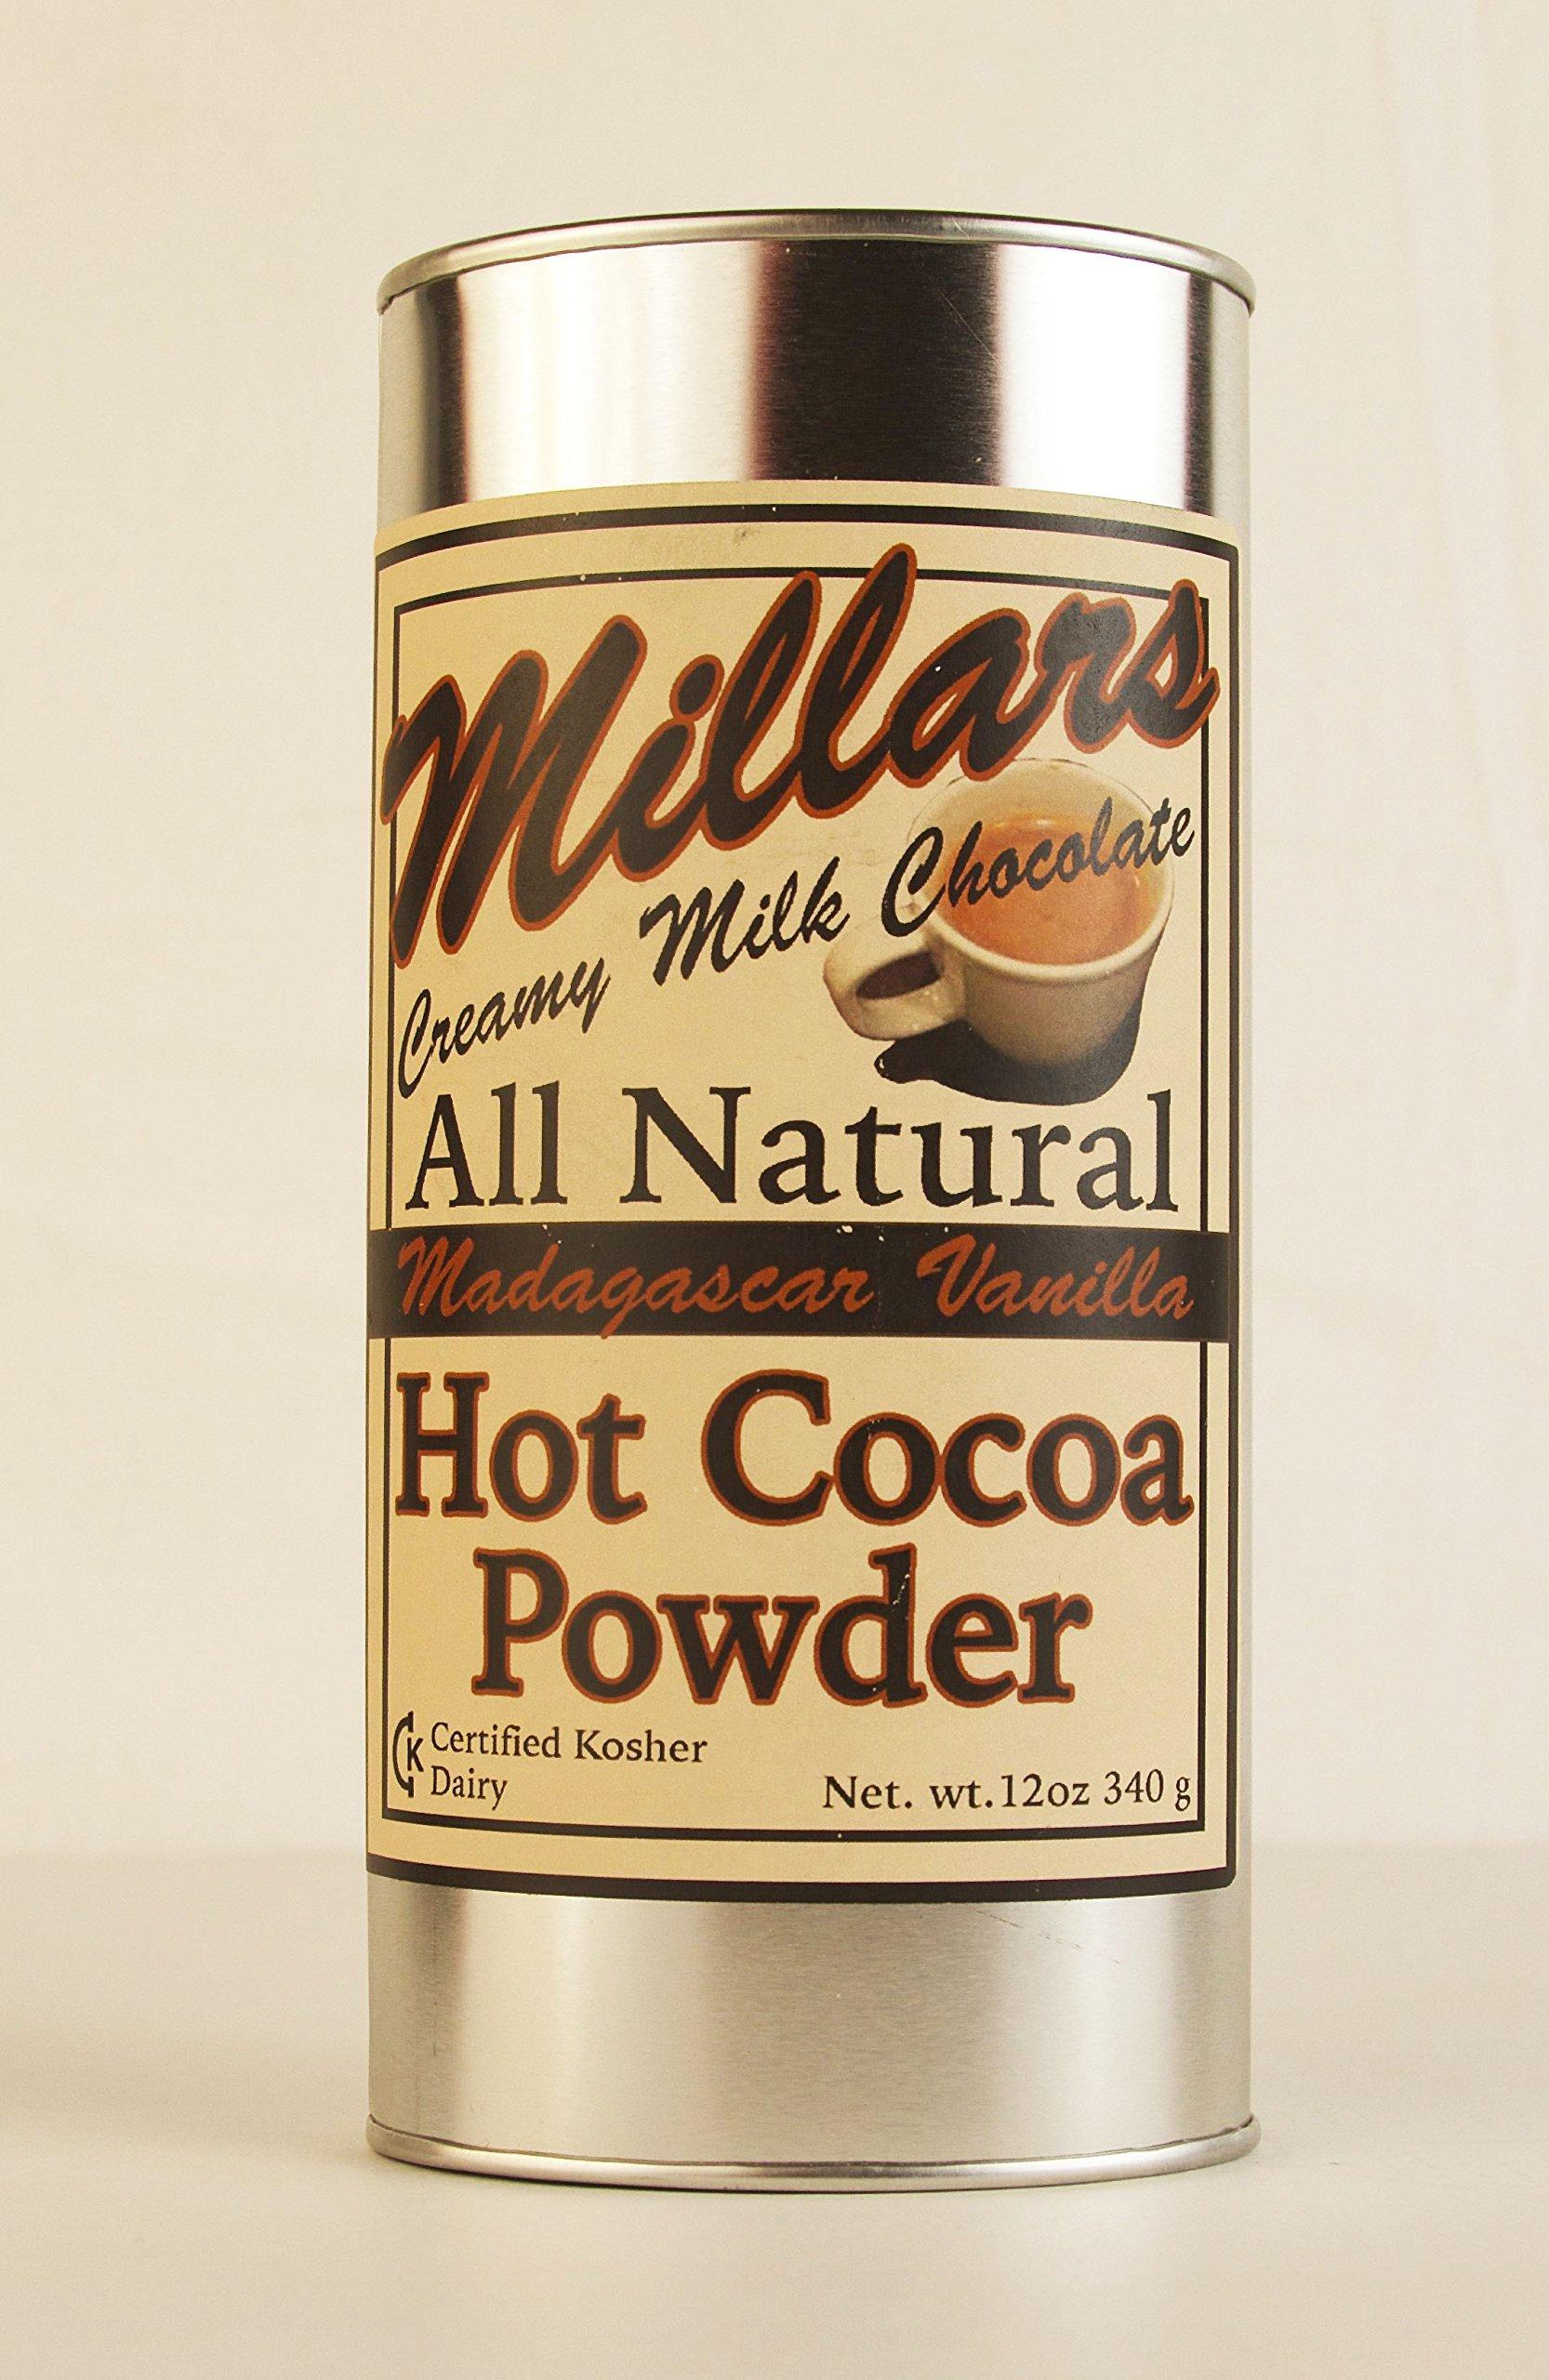 All Natural Hot Cocoa Powder Millars